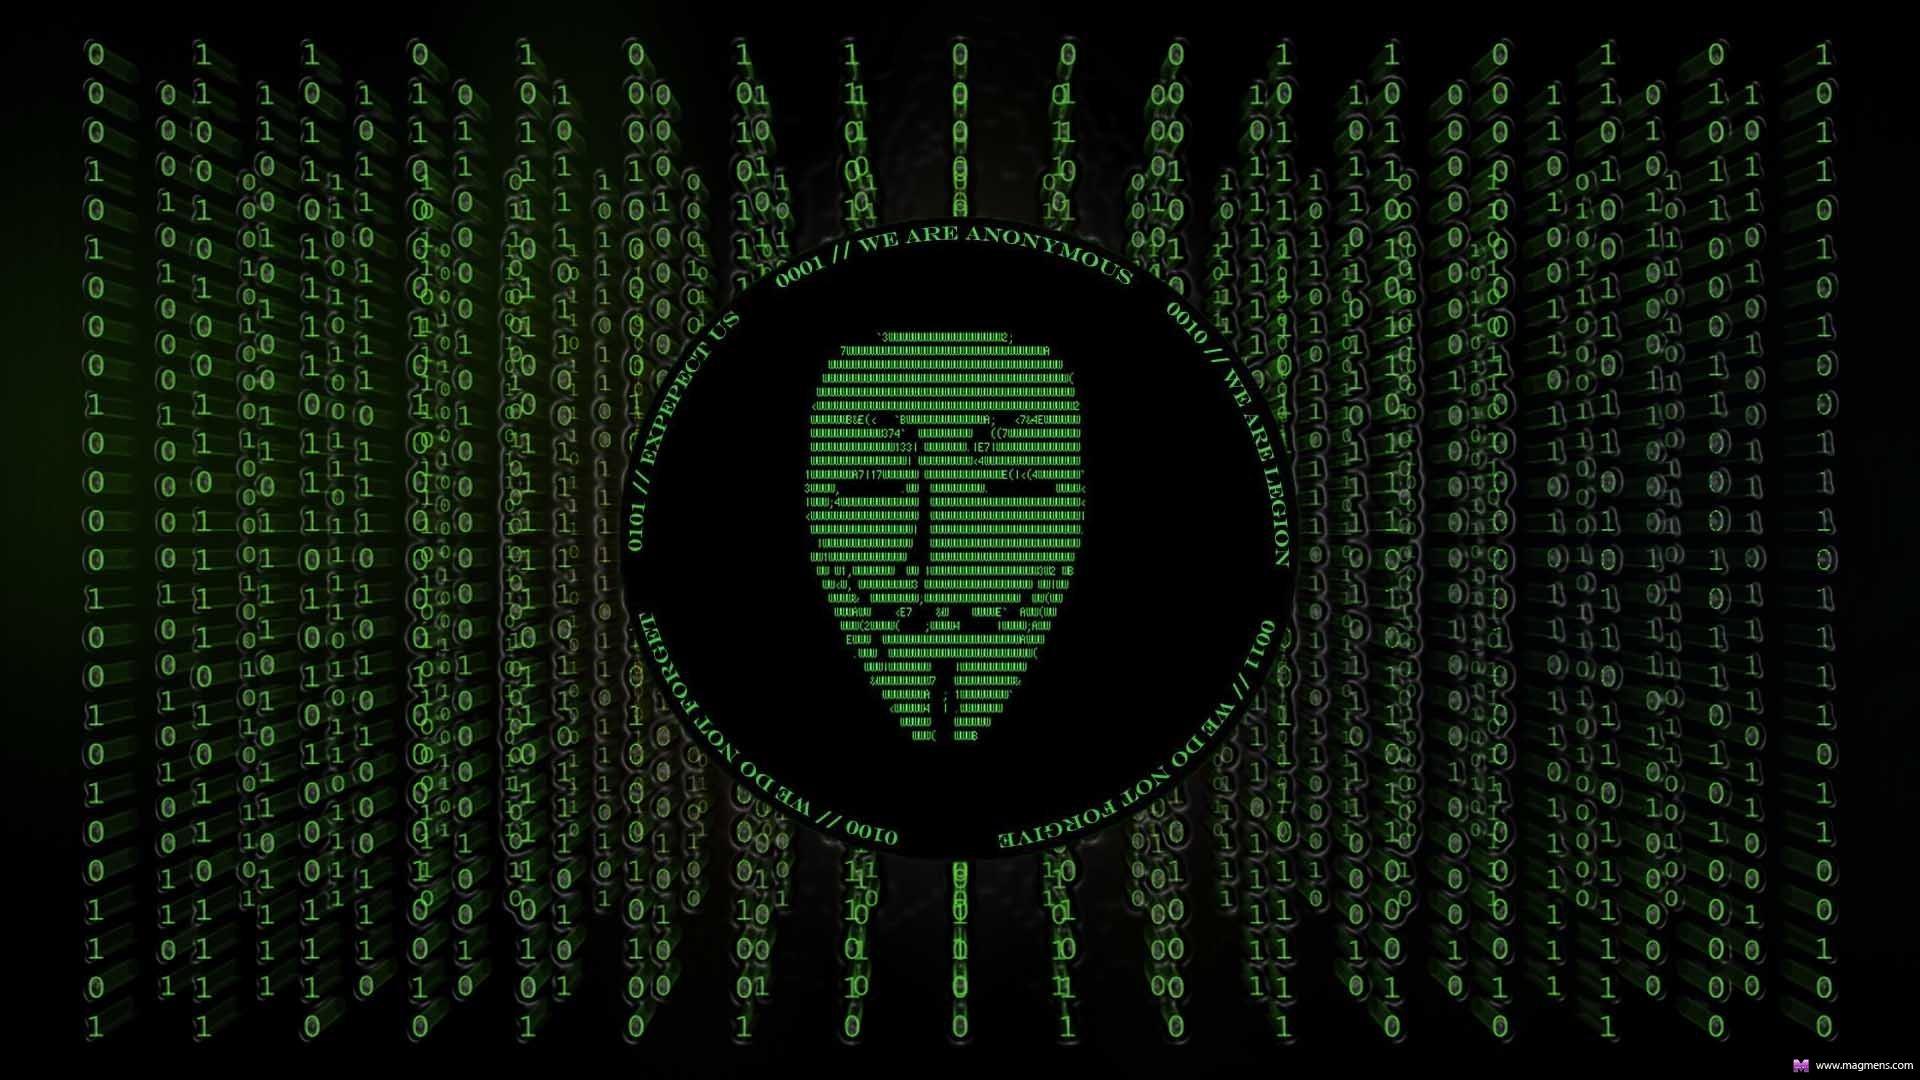 ВСеть попали 800 тыс. паролей пользователей форума порносайта Brazzers